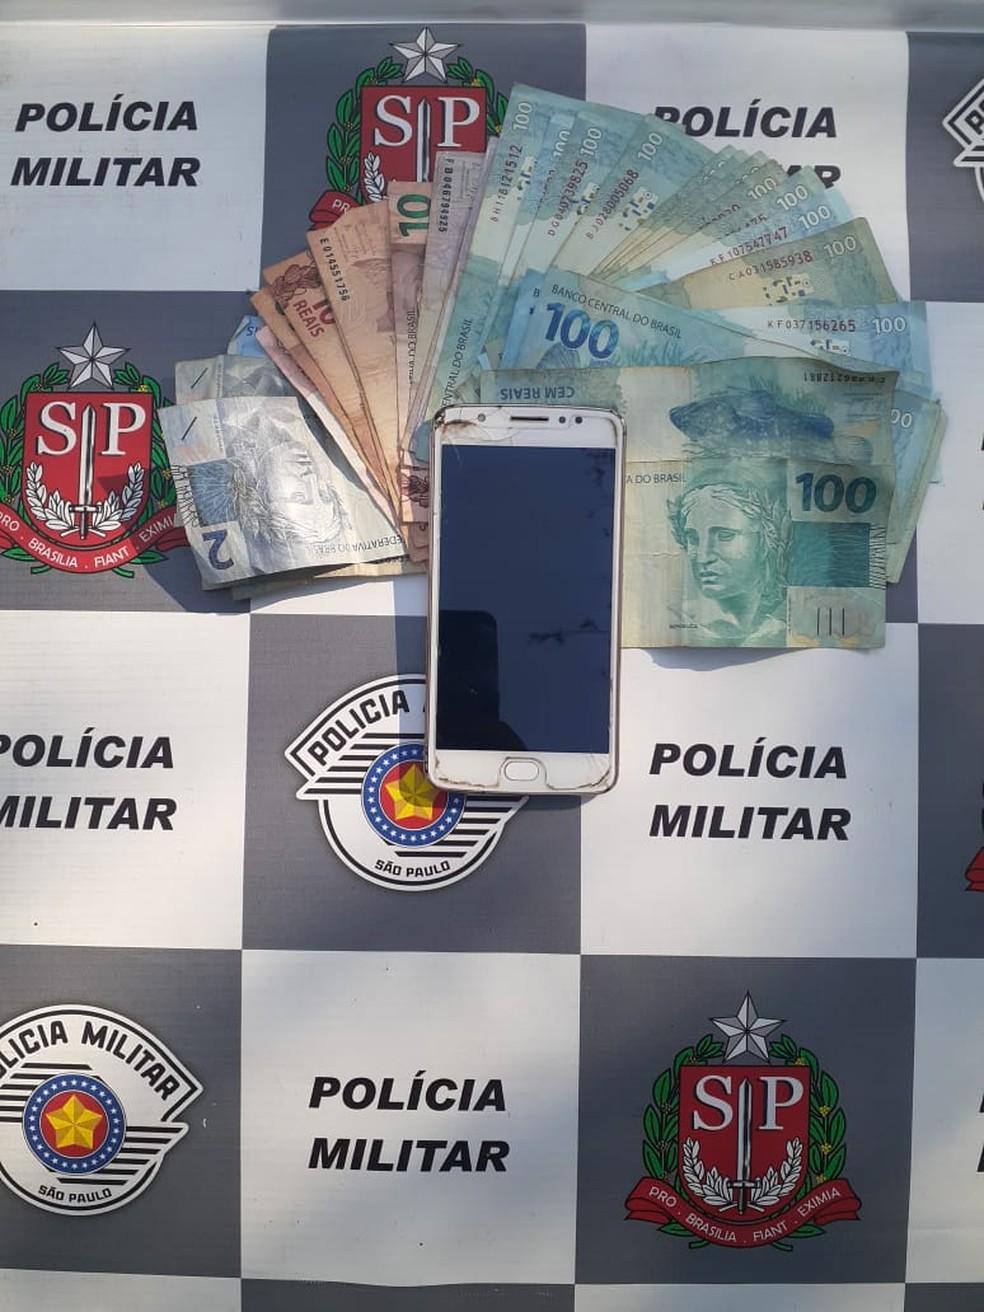 Com o suspeito de roubar o caminhão também foram encontrados R$ 2 mil. — Foto: Divulgação/Polícia Militar